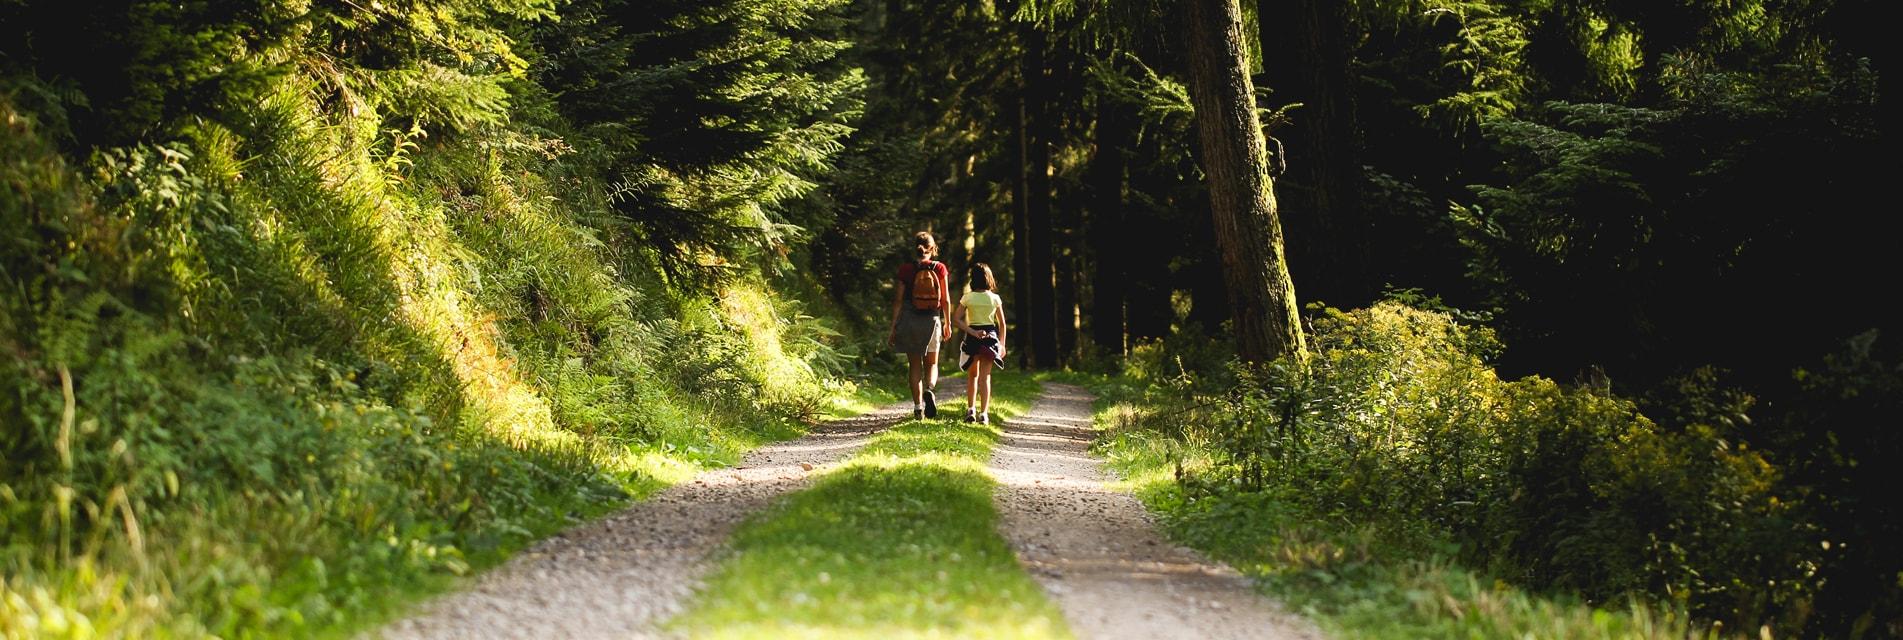 Nos Séjours et week-ends randonnées dans le Tarn en Occitanie